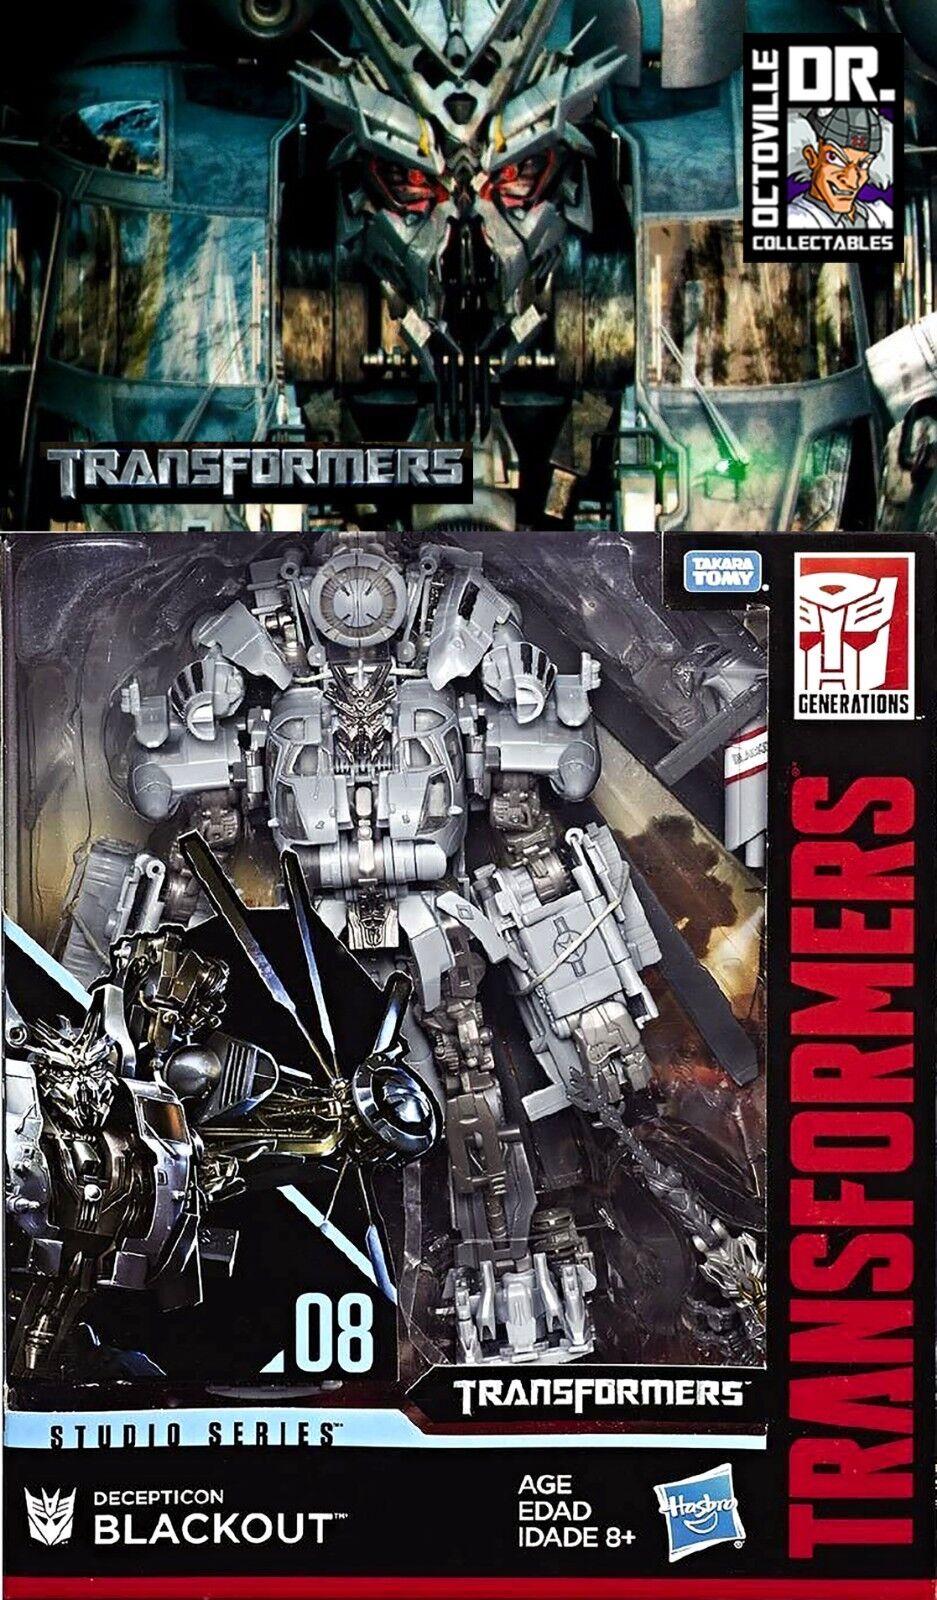 Líder de Transformers Hasbro Studio Serie 08 película negroout Nuevo